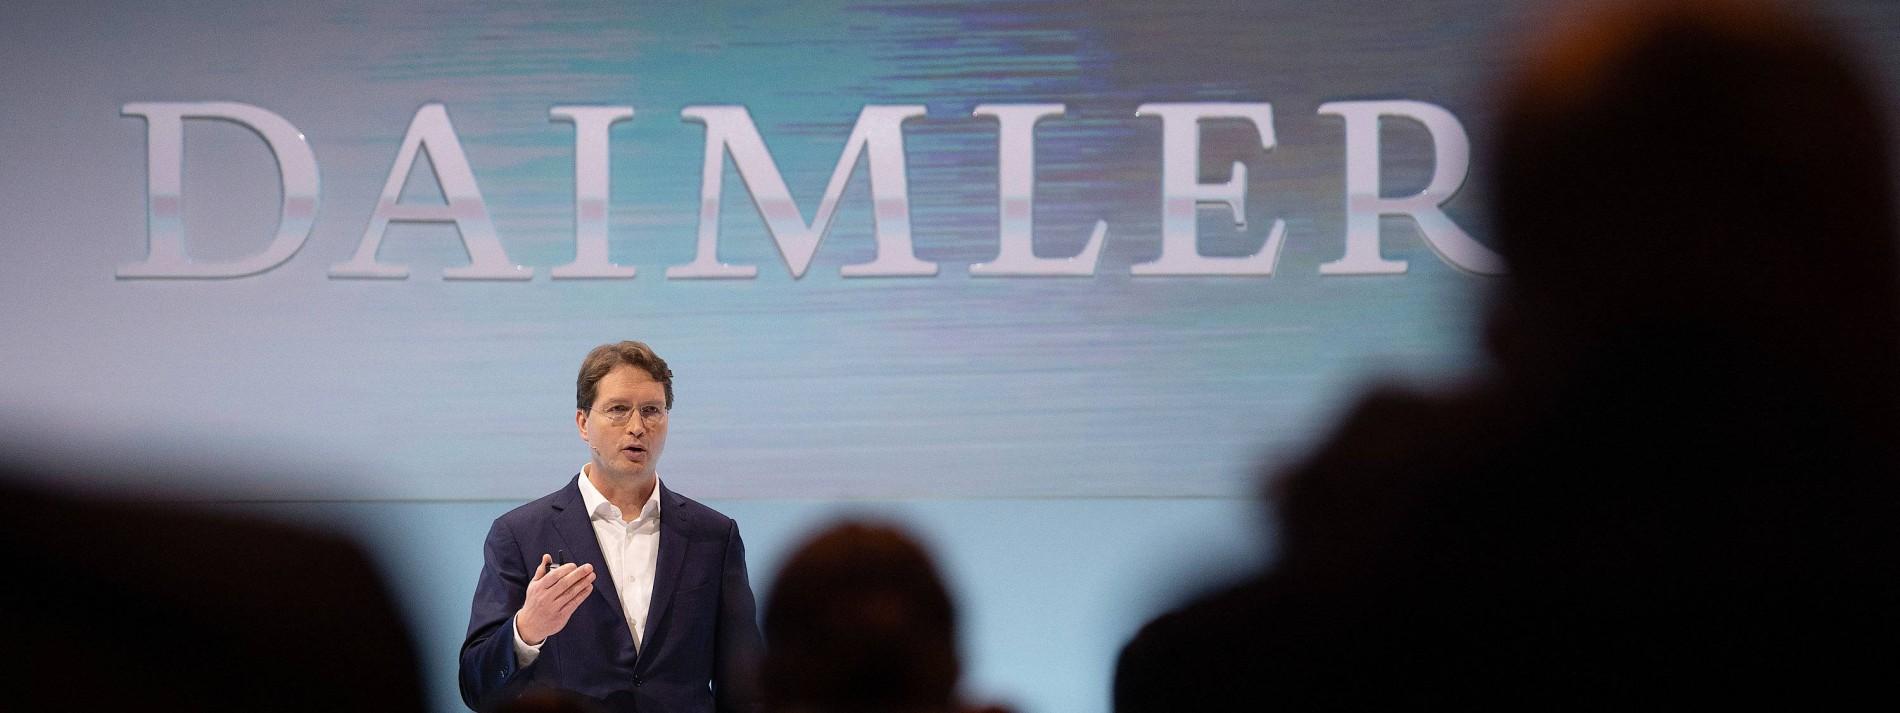 Conti und Daimler verschieben Hauptversammlungen